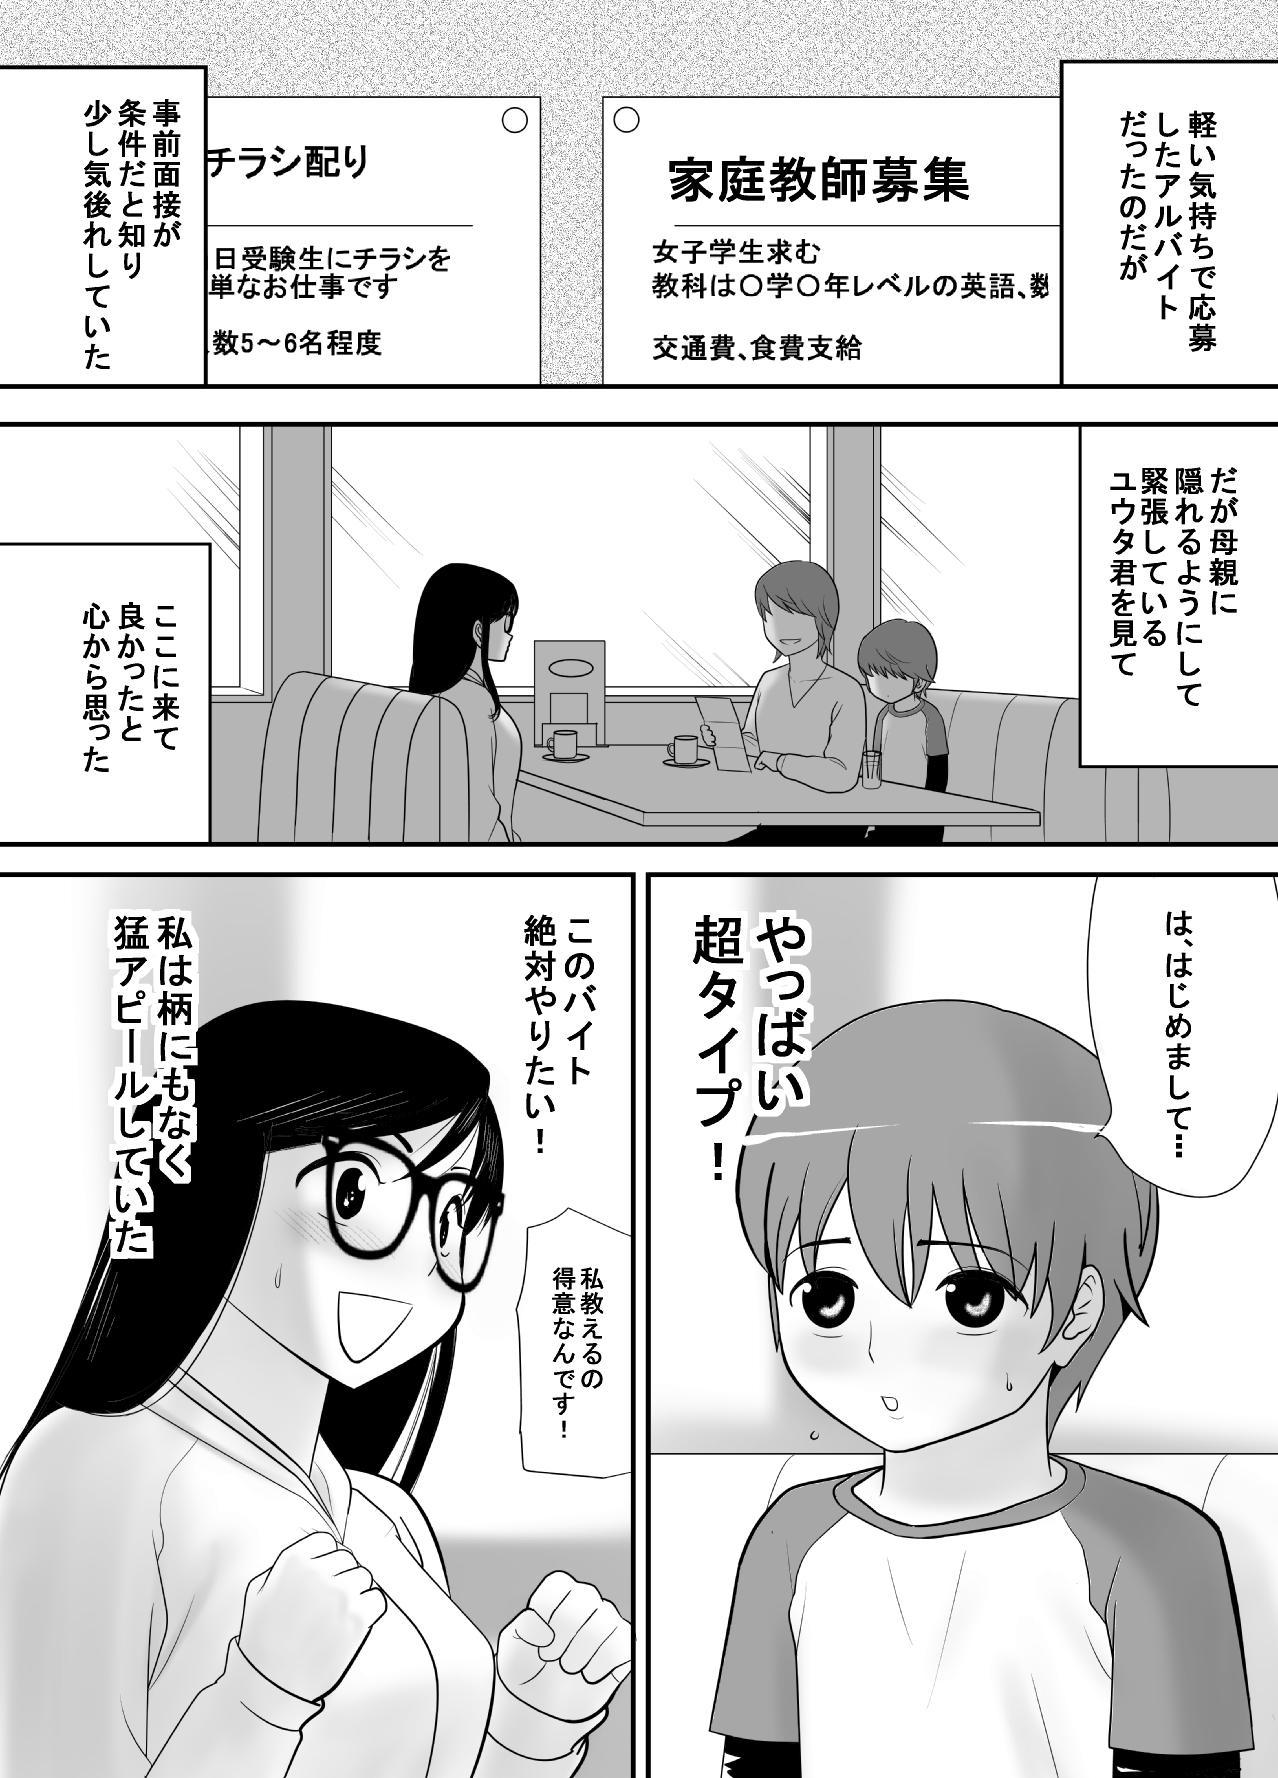 Keiken wa Nai kedo Chishiki dake Houfu na Mousou Fujoshi ga Gachi Kairaku ni Ochiru made 3